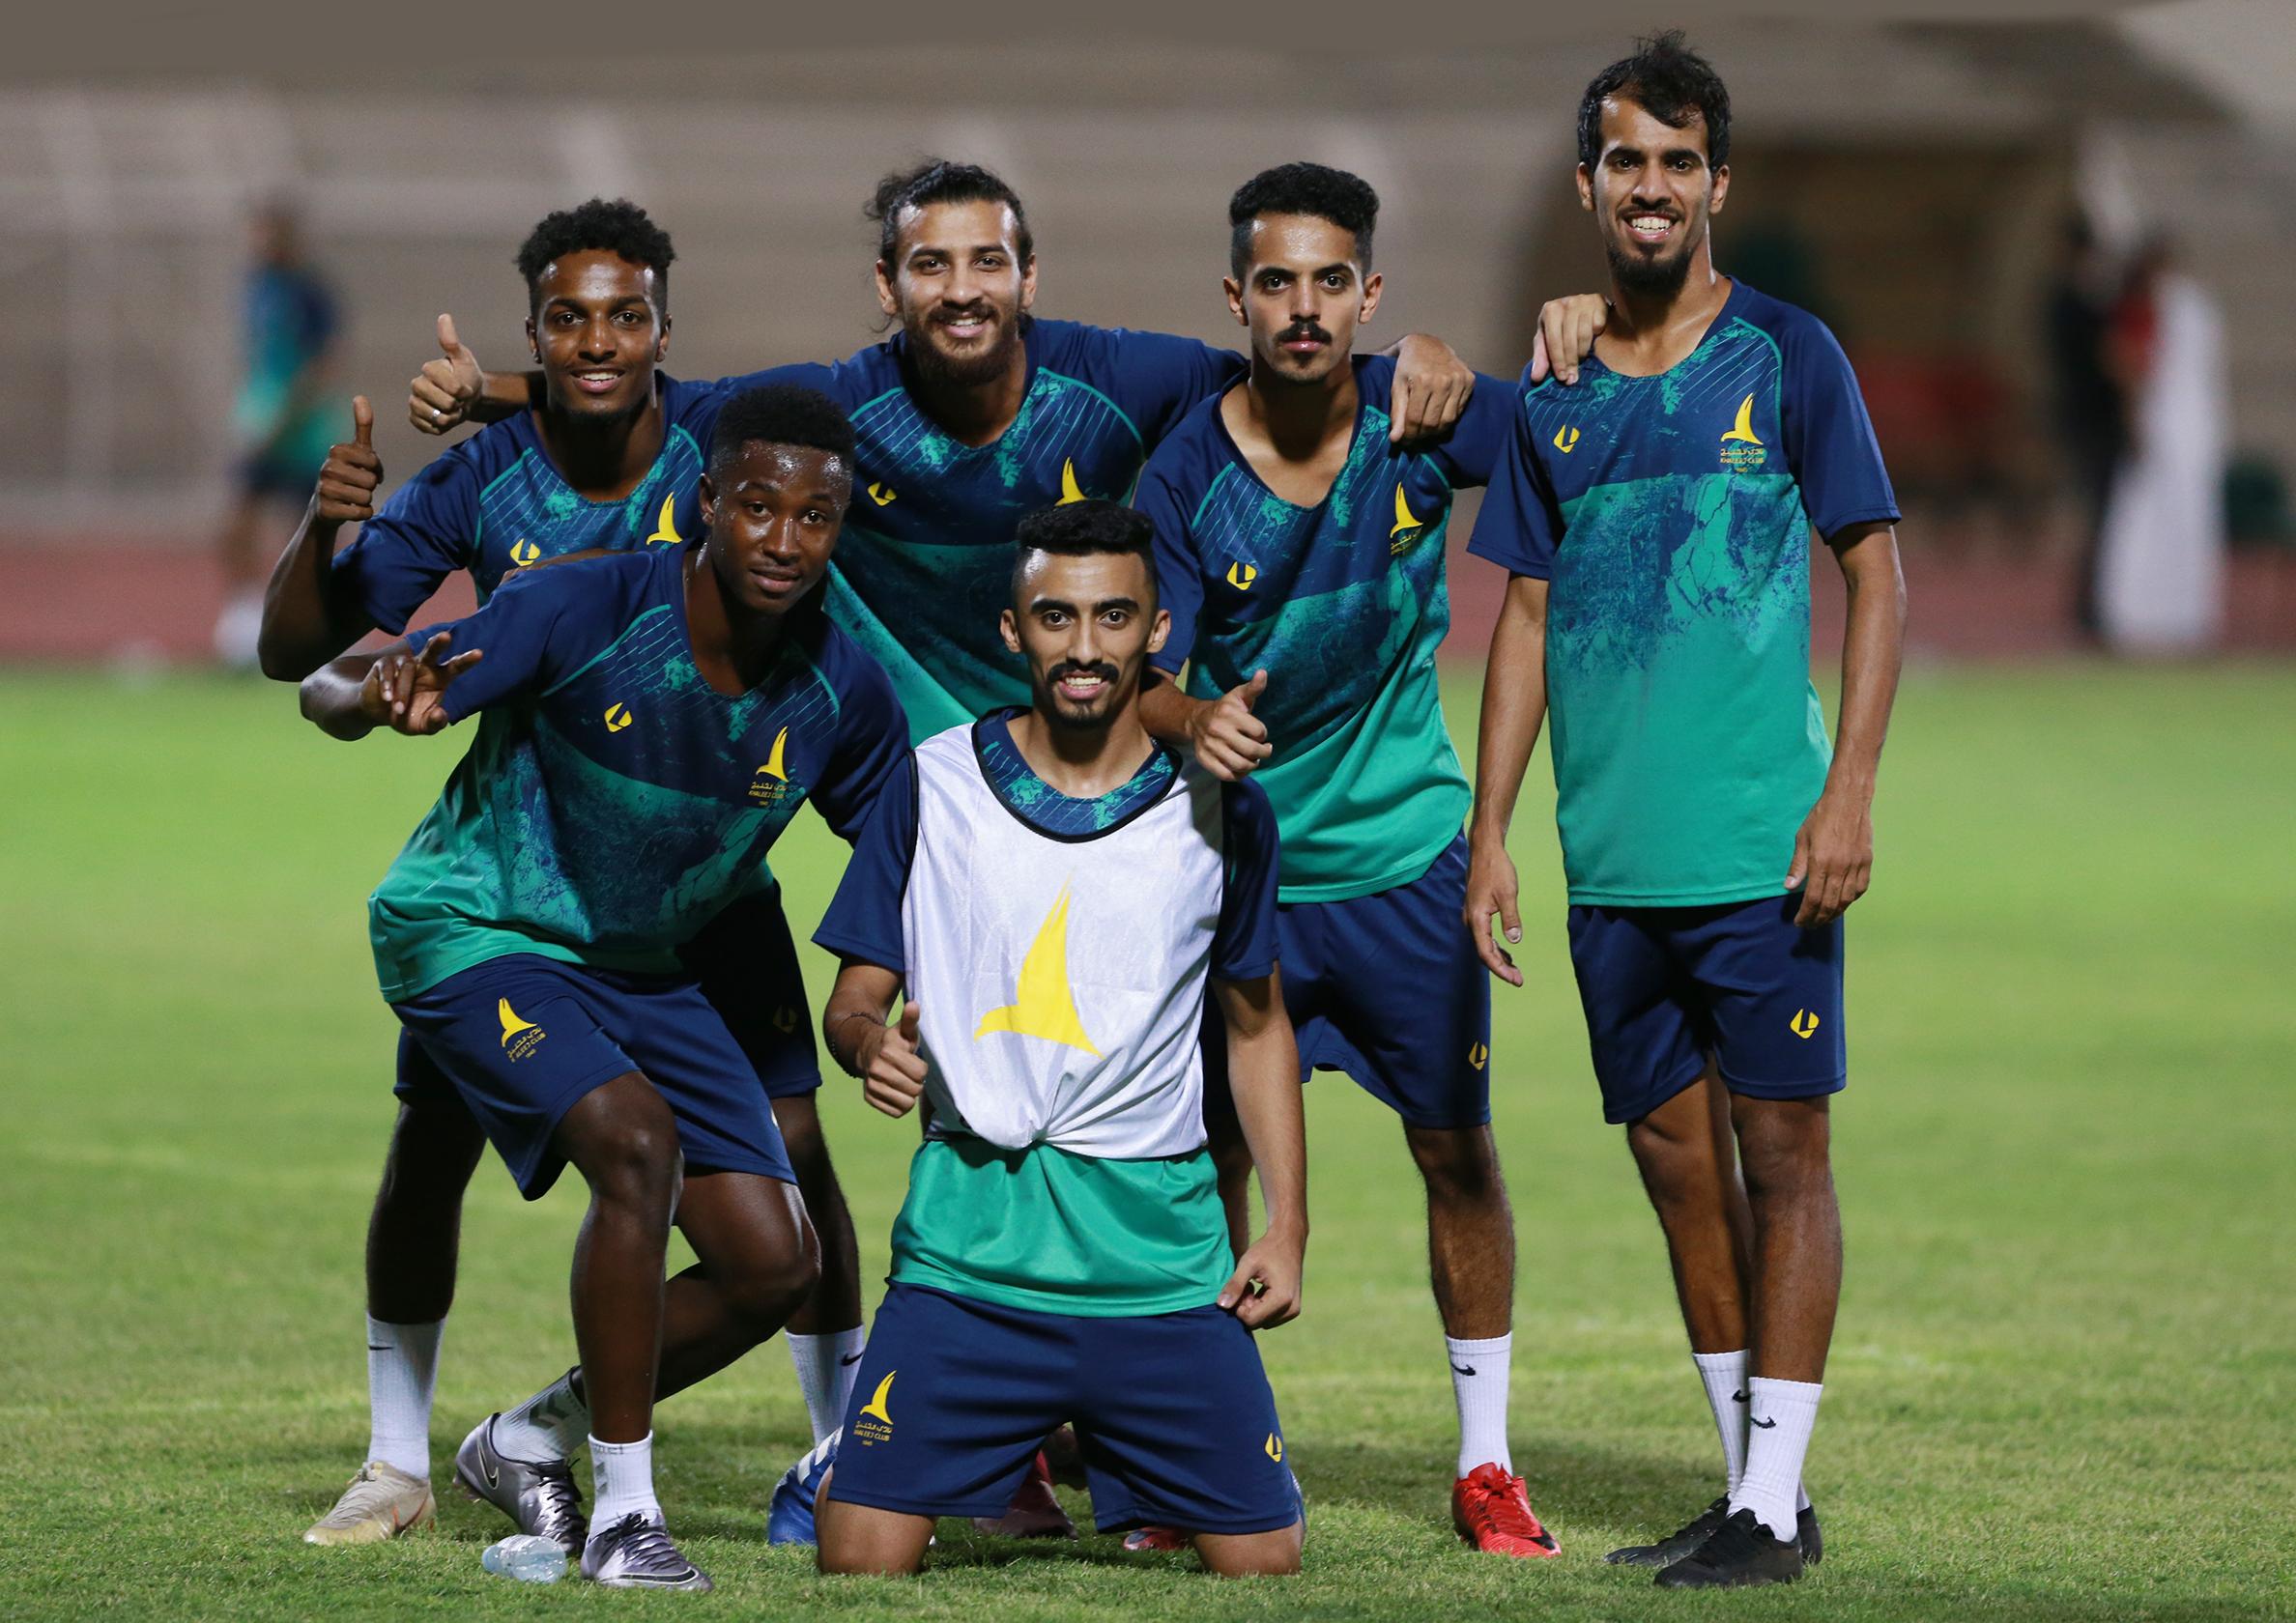 الخليج يستأنف تدريباته ويفتح ملف الثقبة ضمن منافسات الجولة 5 لدوري الأمير محمد بن سلمان